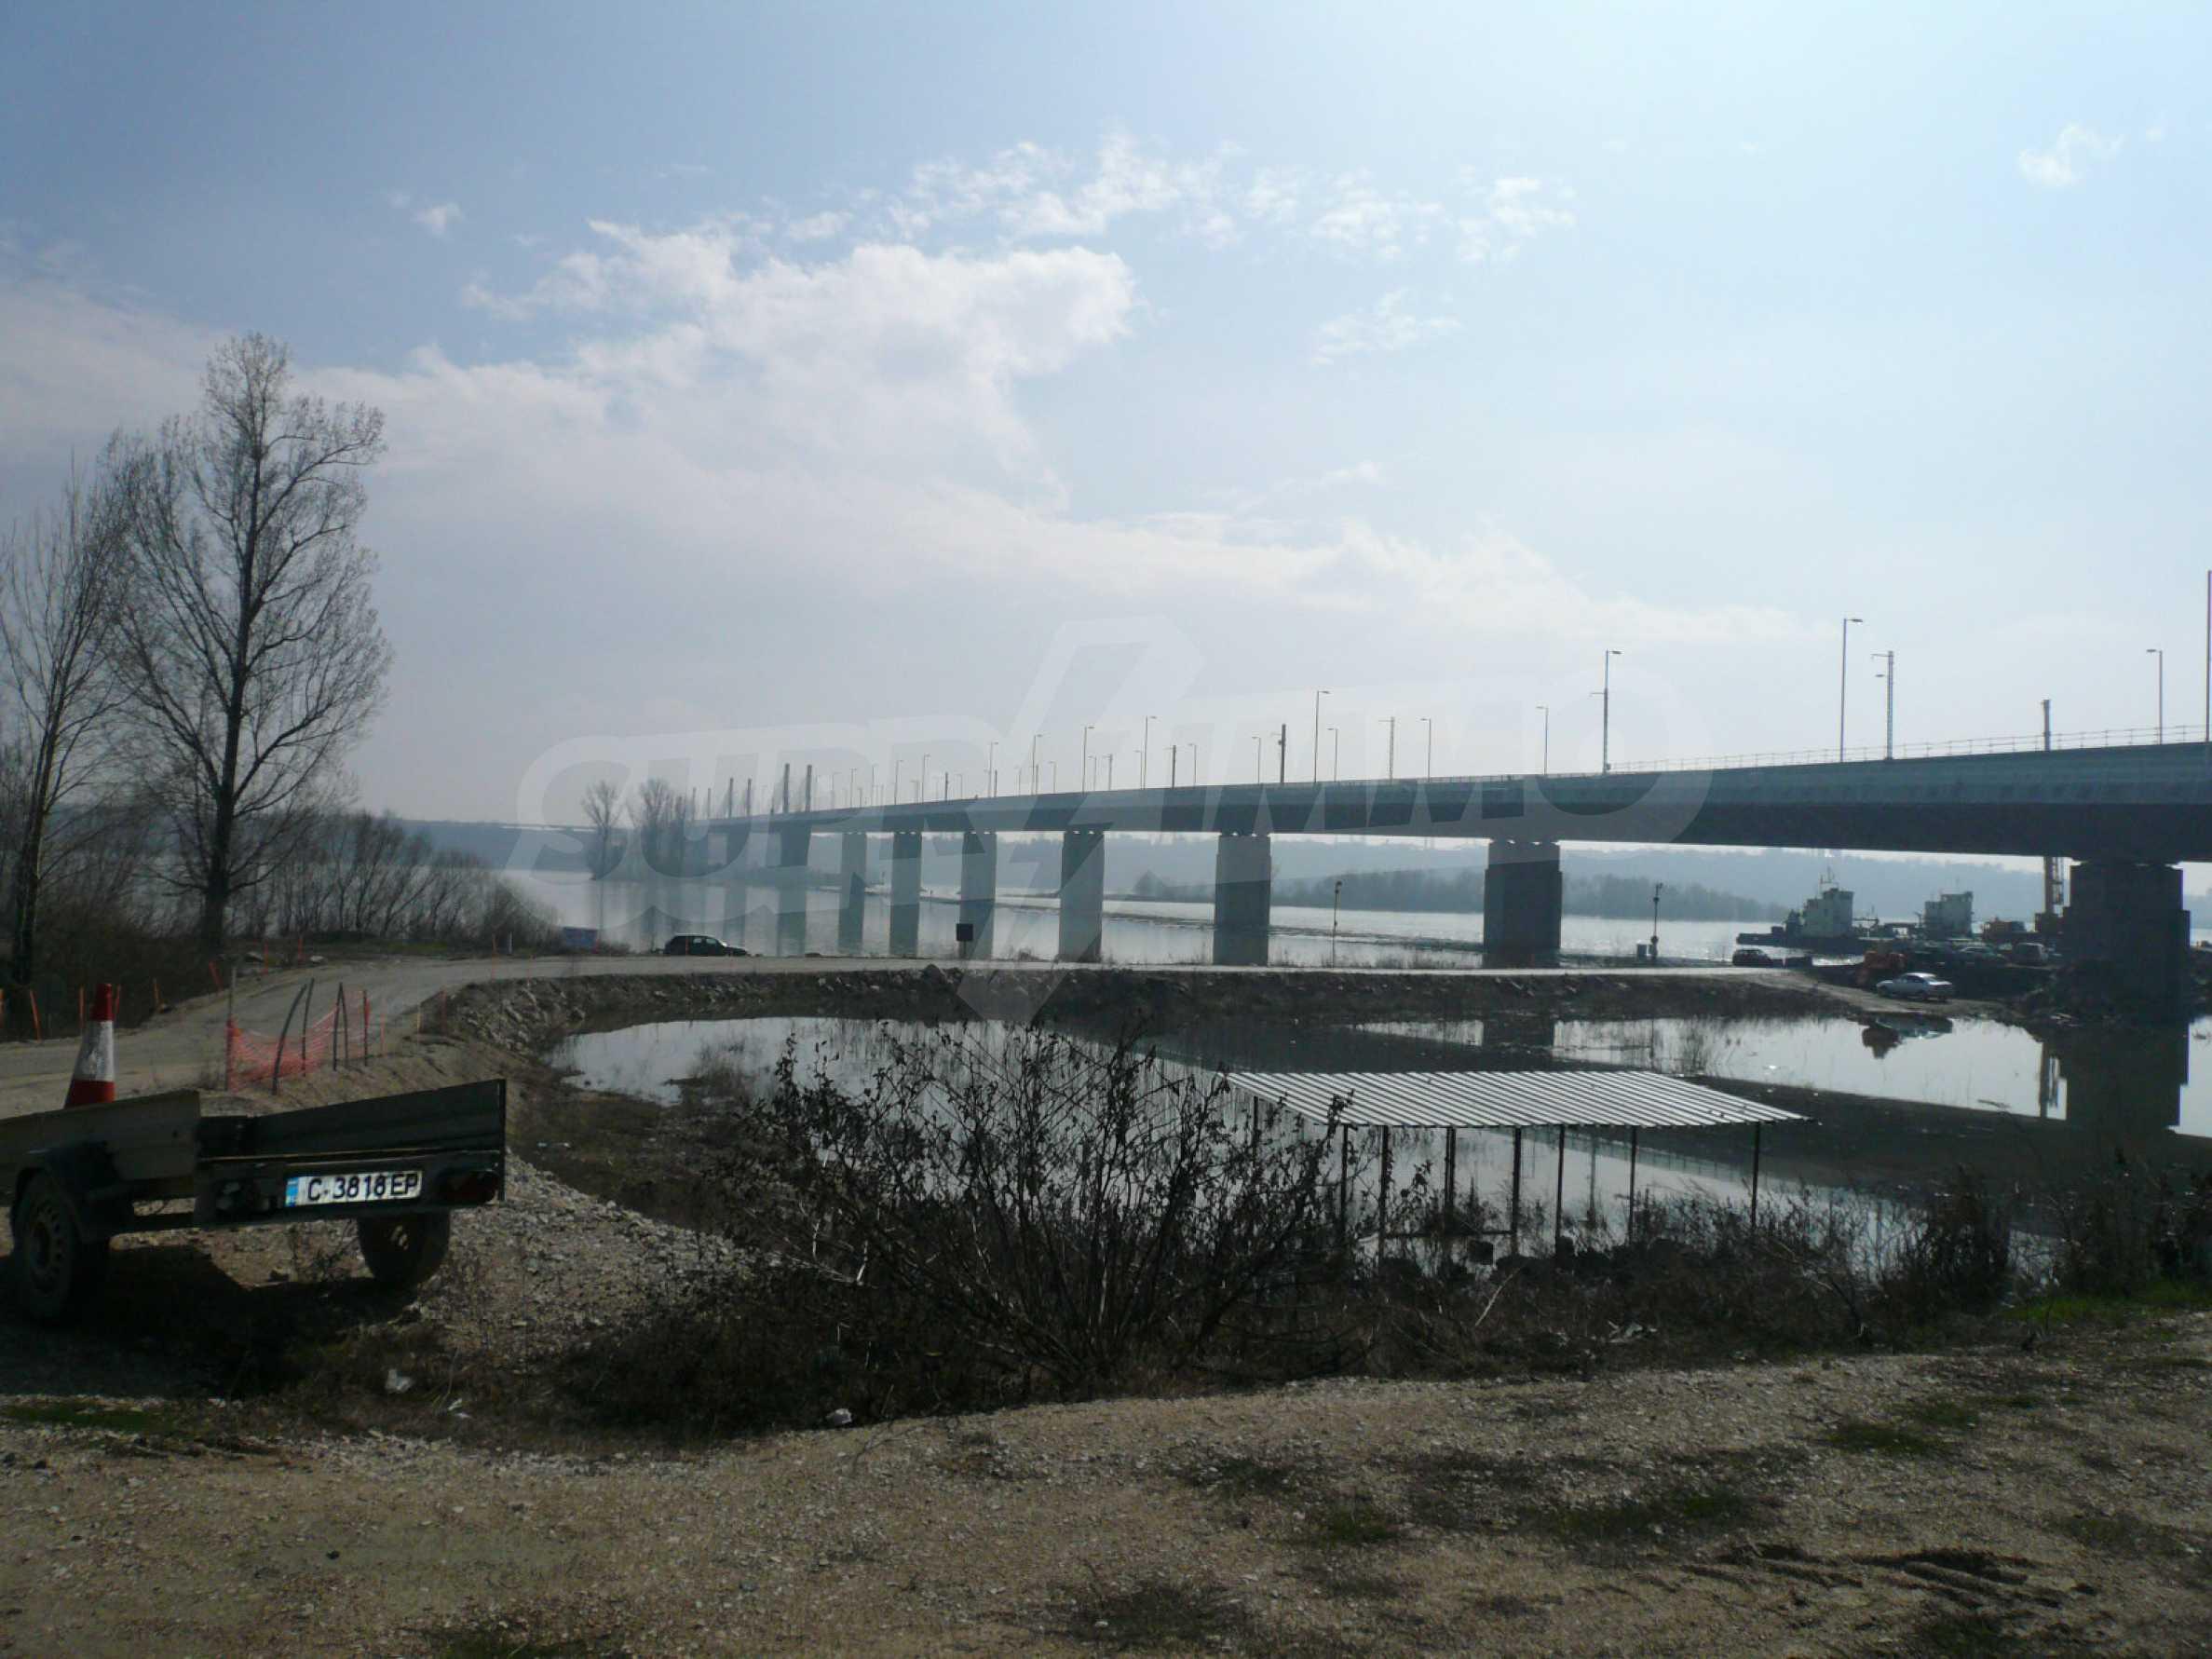 Umfangreiches Investitionsgrundstück nahe der Donaubrücke 2